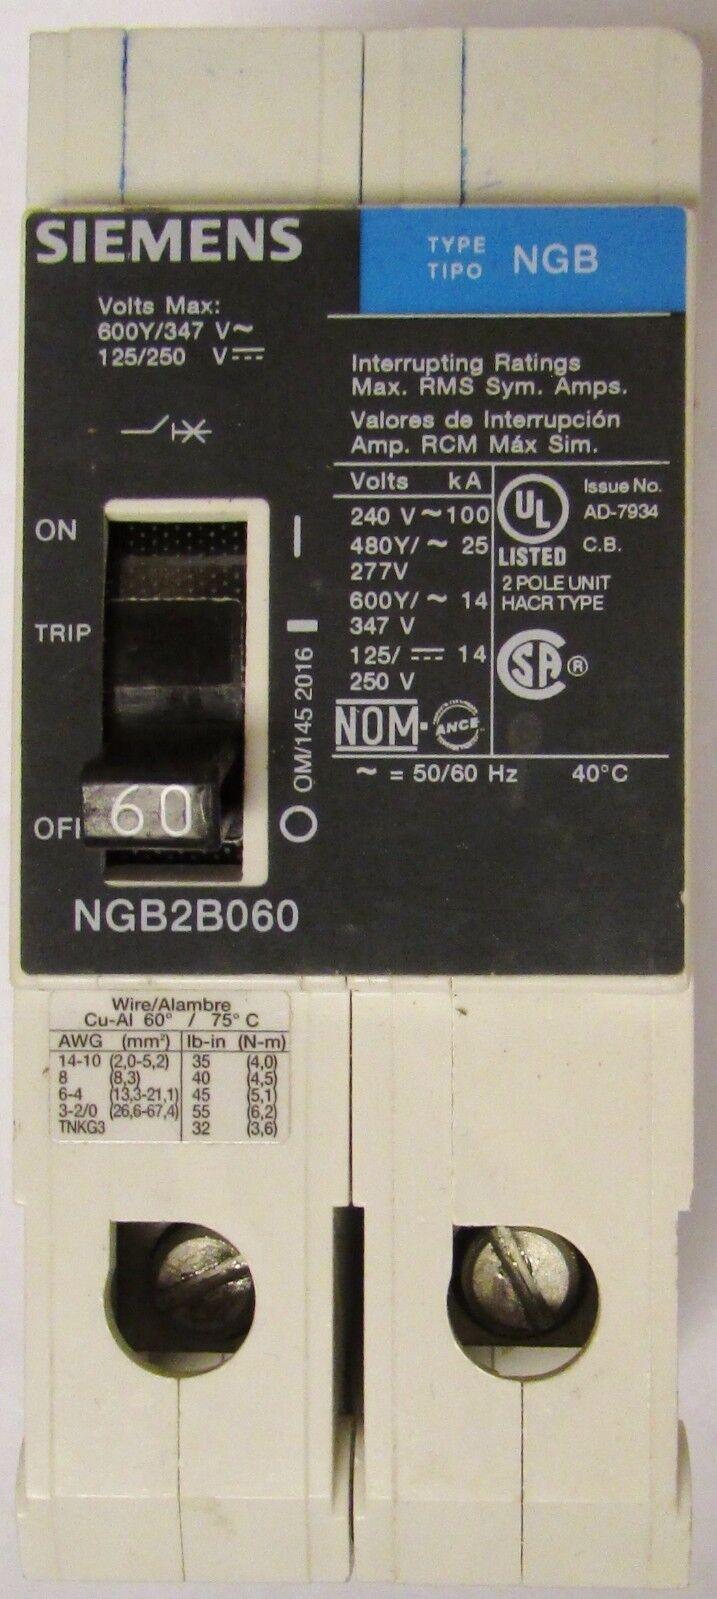 SIEMENS NGB NGB2B060 2 POLE 60 AMP 480V CIRCUIT BREAKER ITE